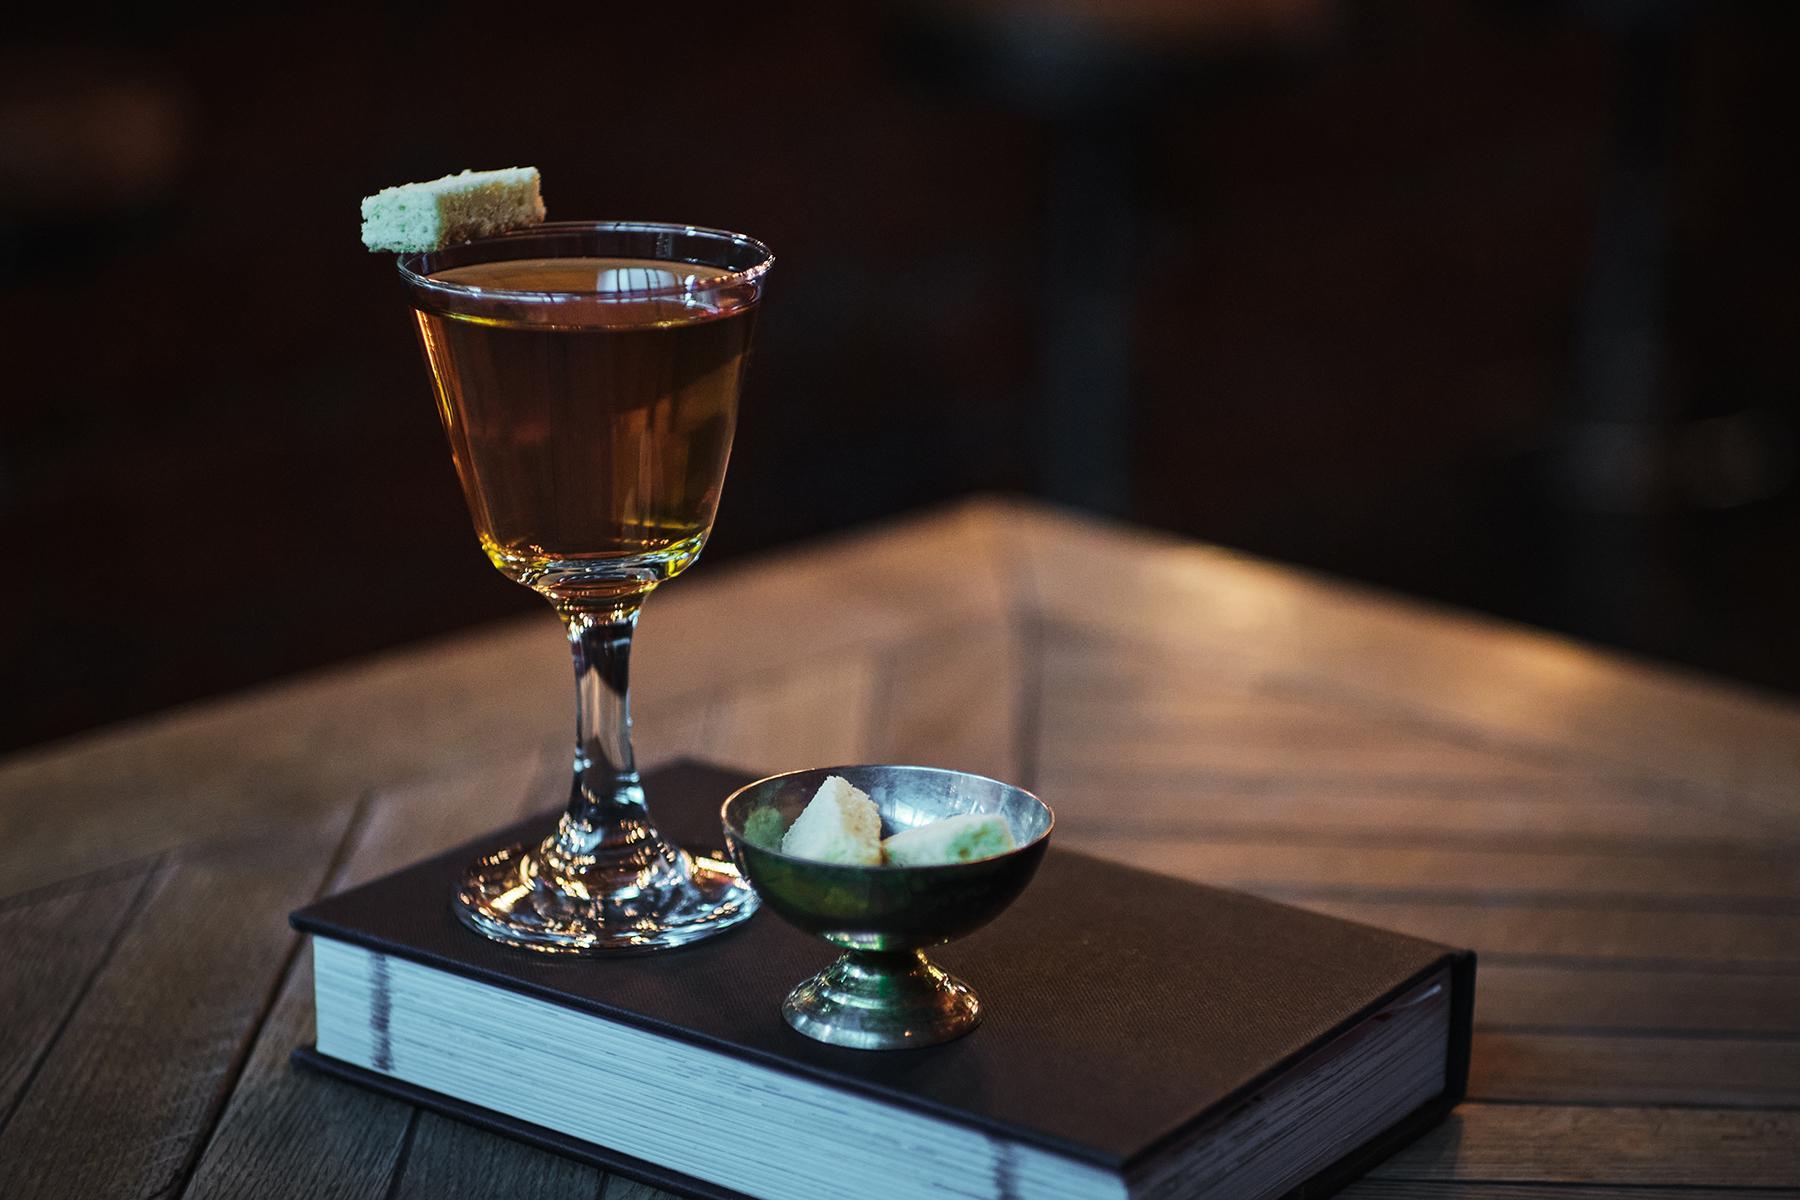 10 коктейлів на основі віскі, які варто спробувати